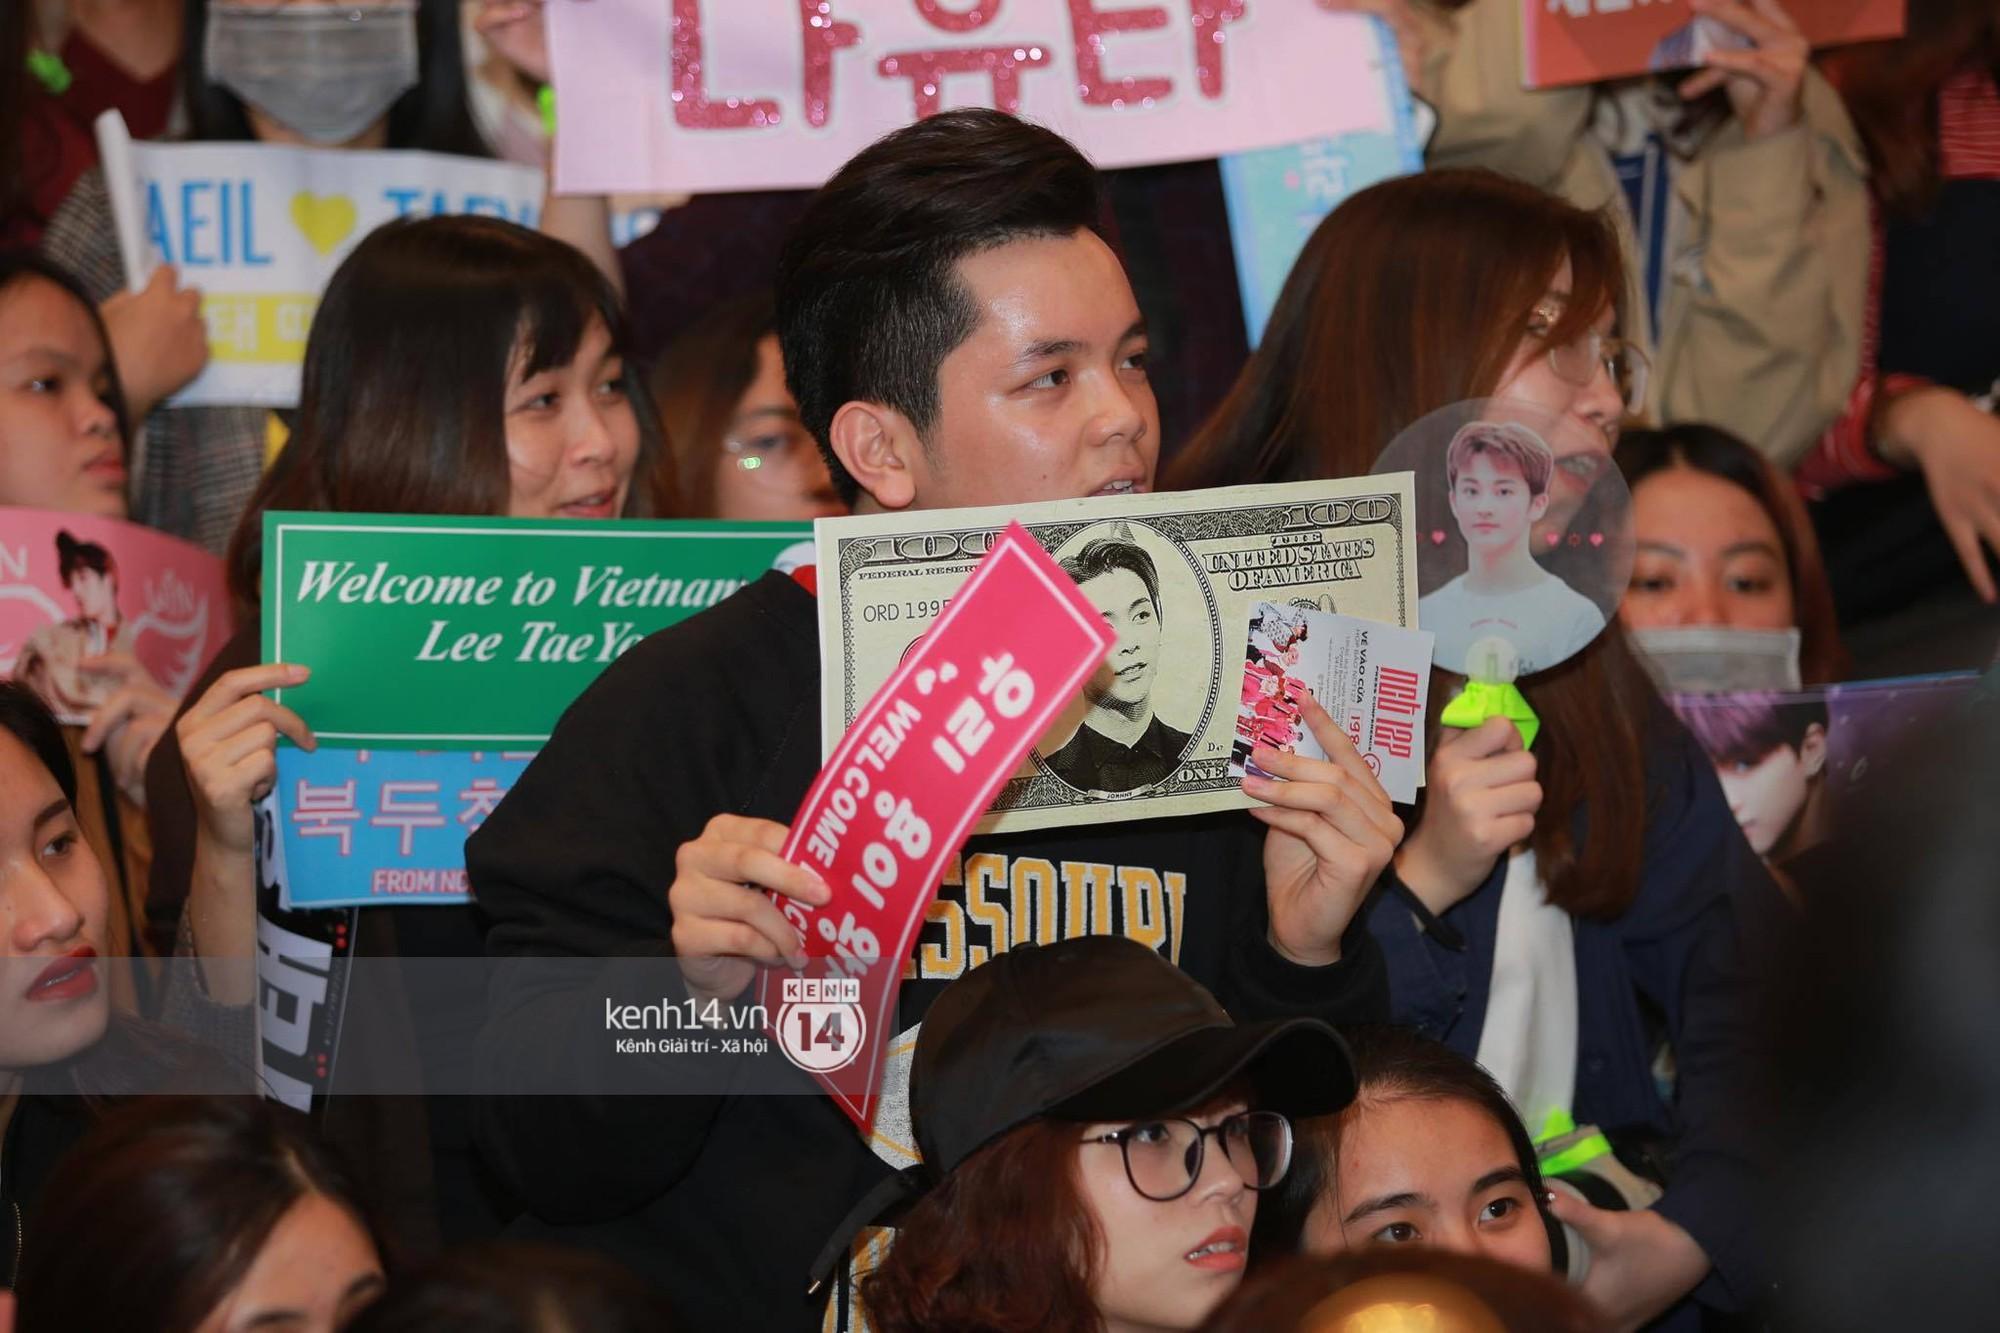 Mỹ nam Taeyong tiết lộ muốn ở lại Việt Nam, NCT 127 đồng loạt tỏ tình Anh yêu em với fan tại họp báo ở Hà Nội - Ảnh 29.